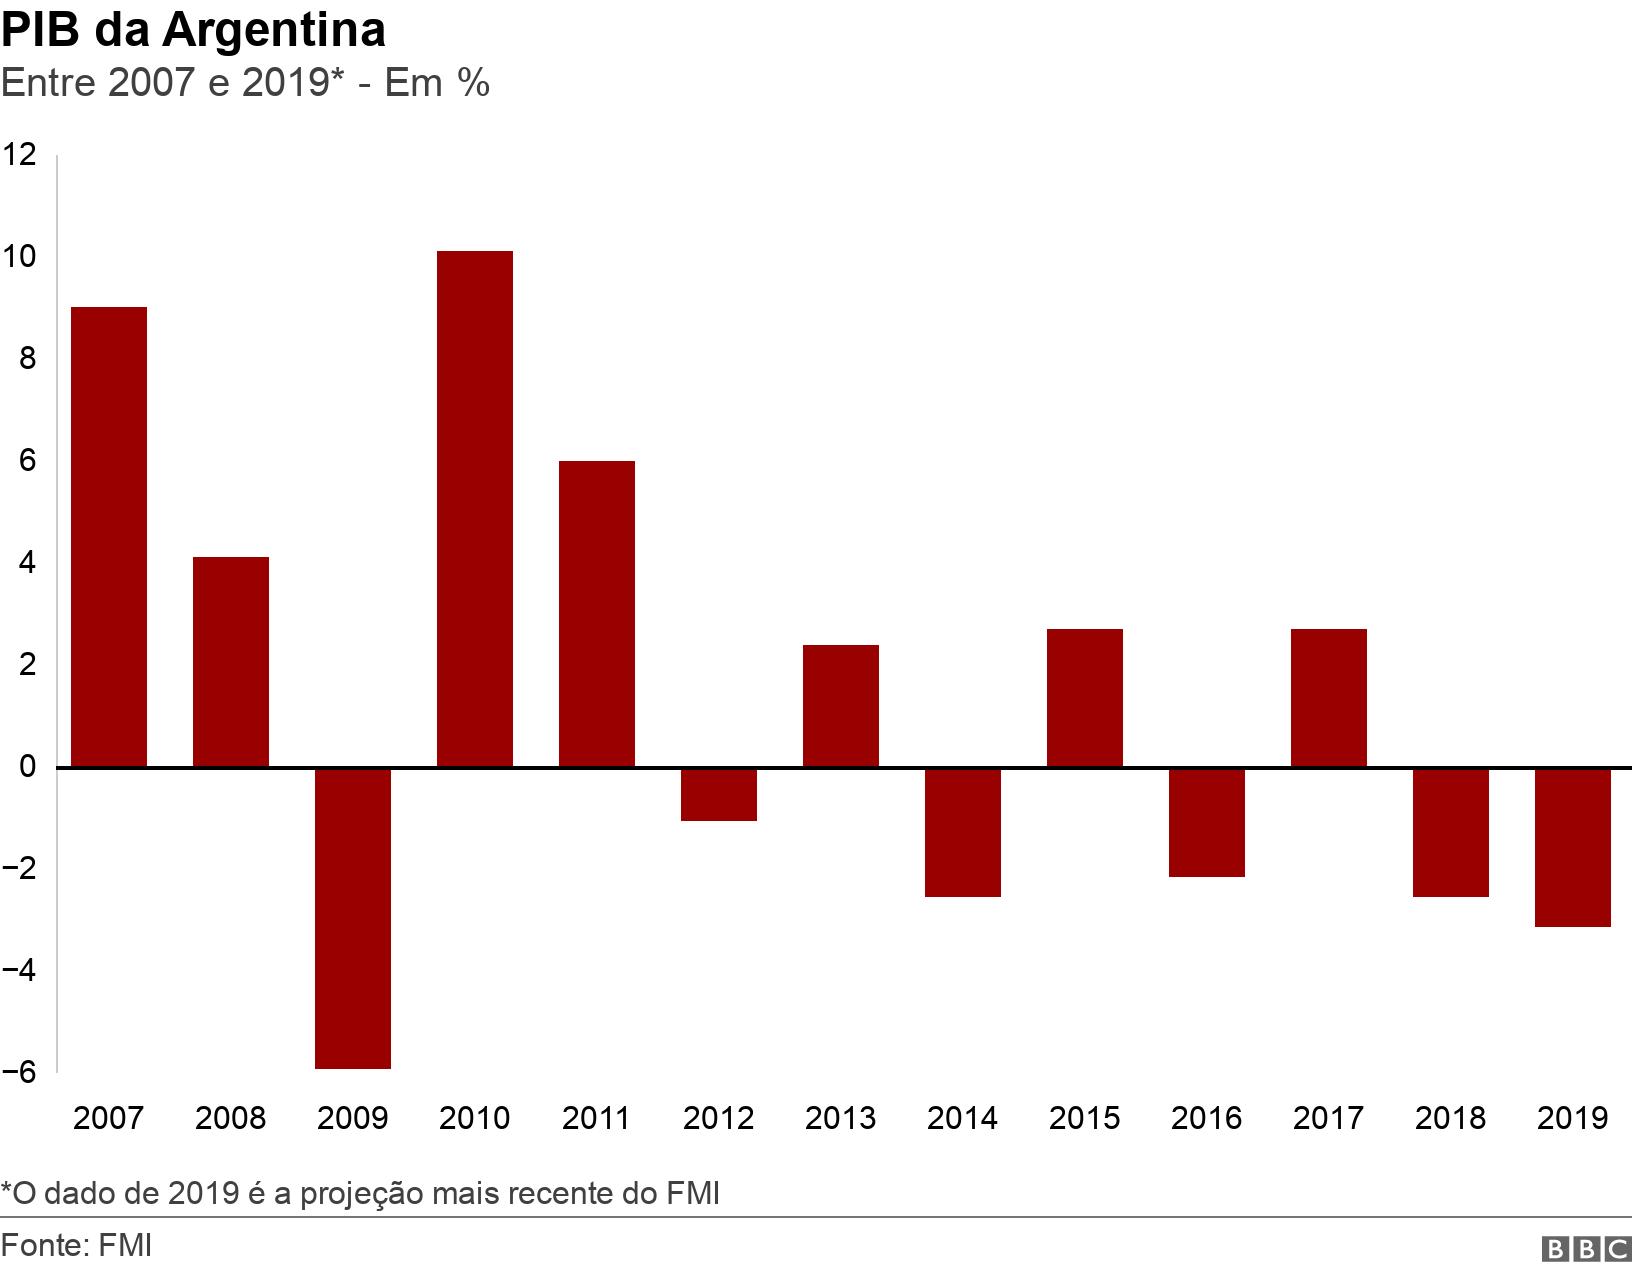 PIB da Argentina. Entre 2007 e 2019* - Em %.  *O dado de 2019 é a projeção mais recente do FMI.